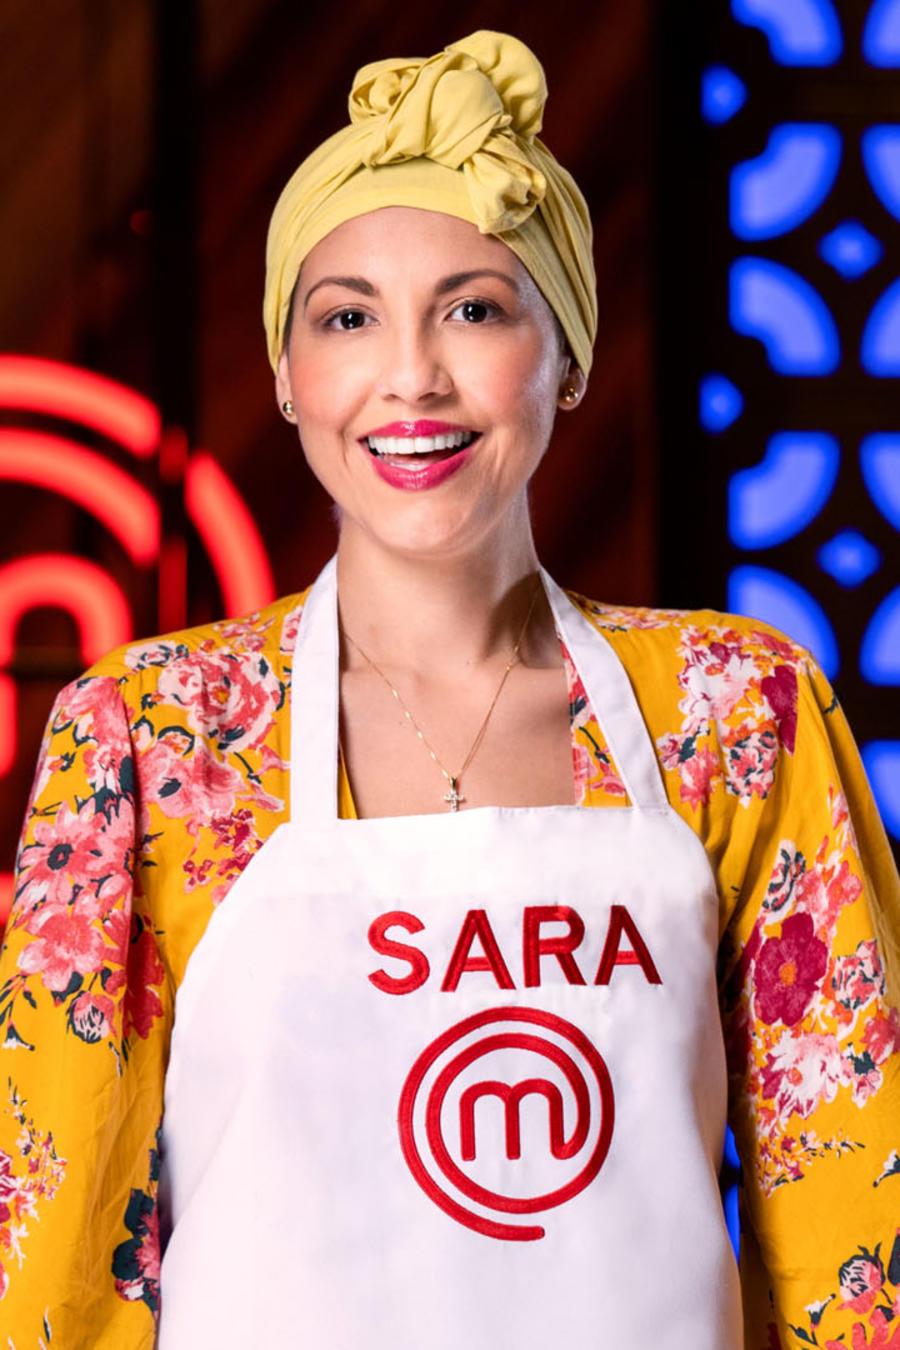 Sara Ordoñez en MasterChef Latino 2